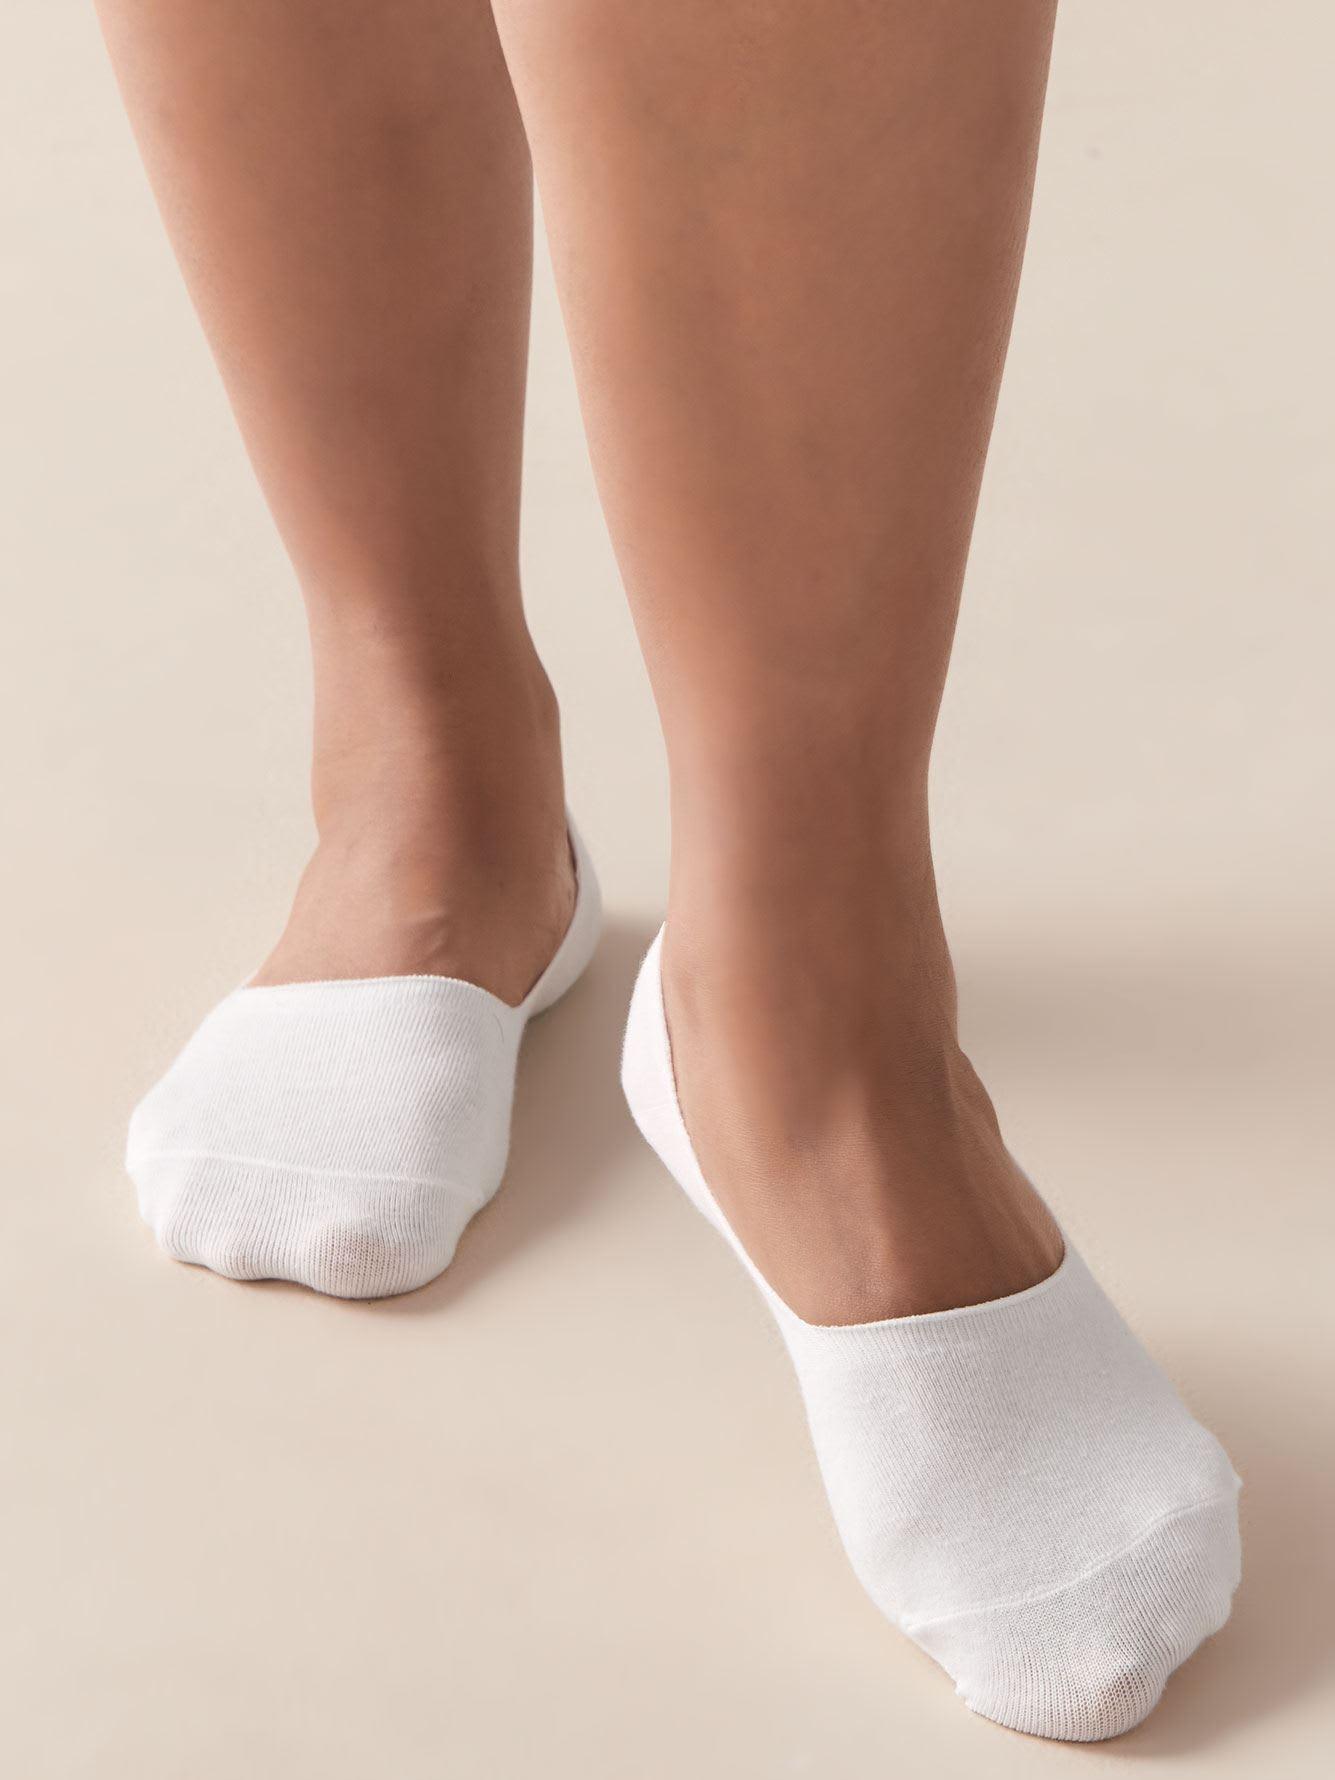 Solid Sport Socks, Pack of 3 - Addition Elle